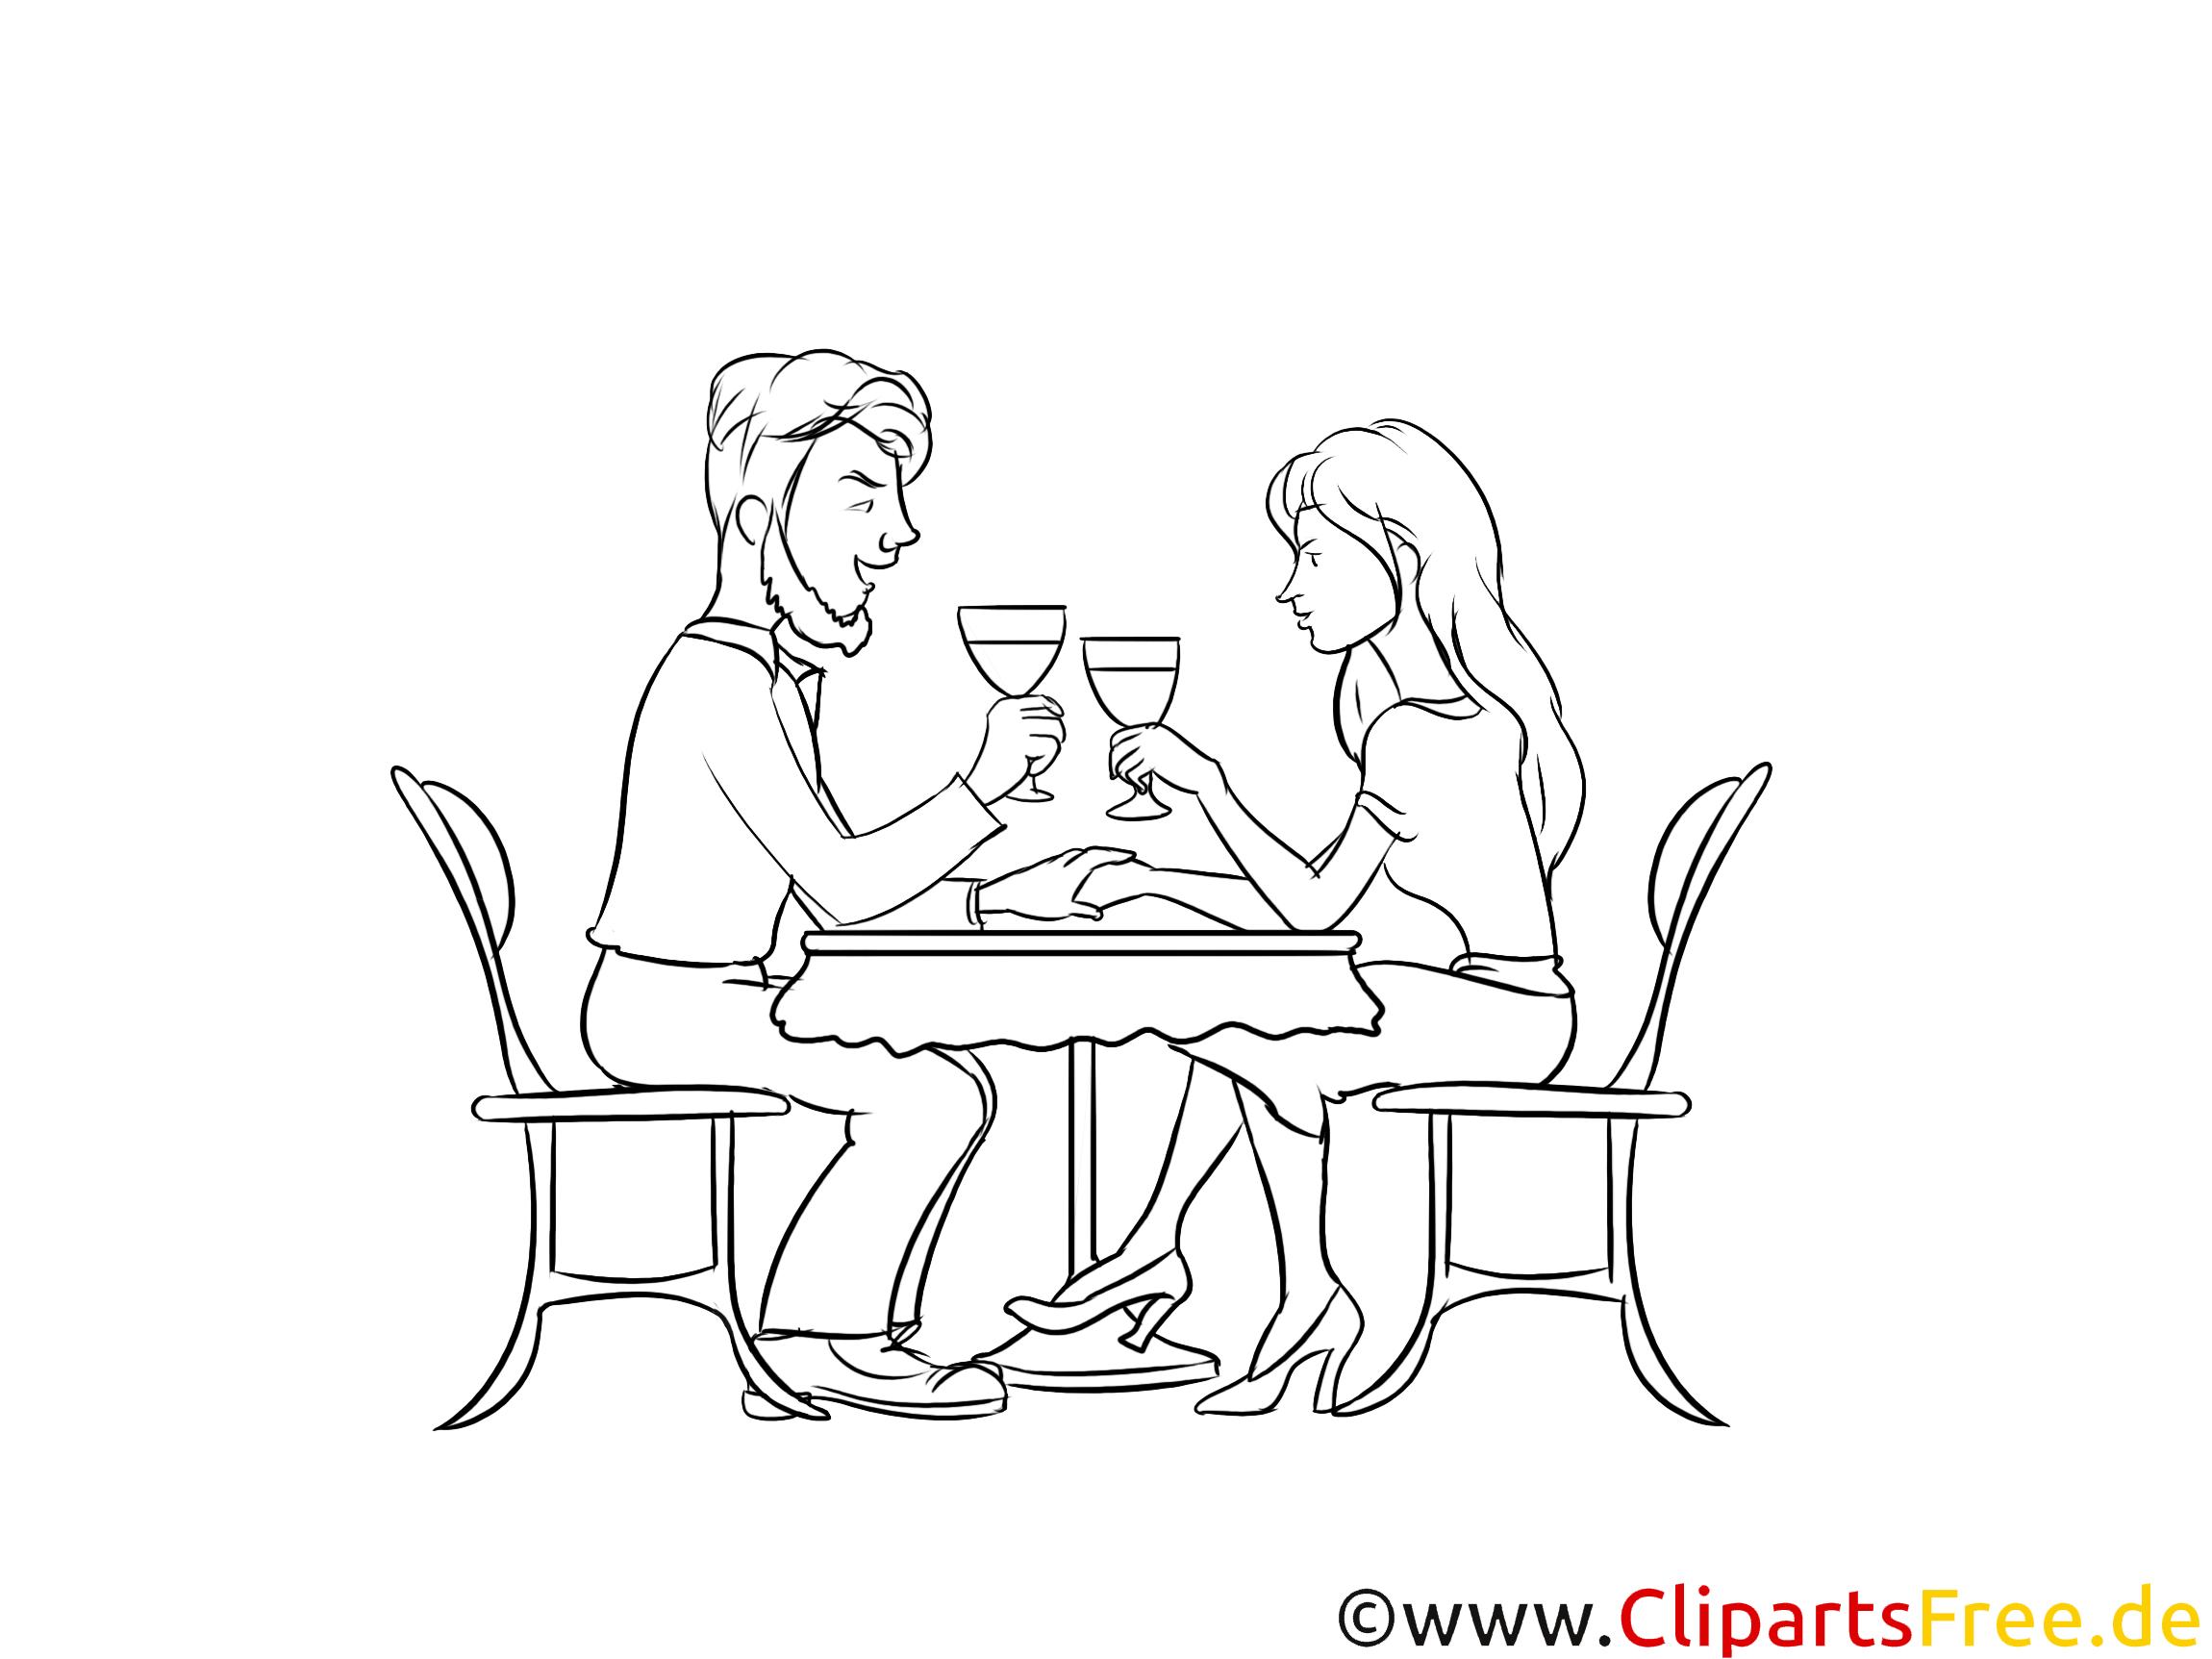 Liebespaar bei einem Date im Café Zeichnung, Grafik schwarz-weiß